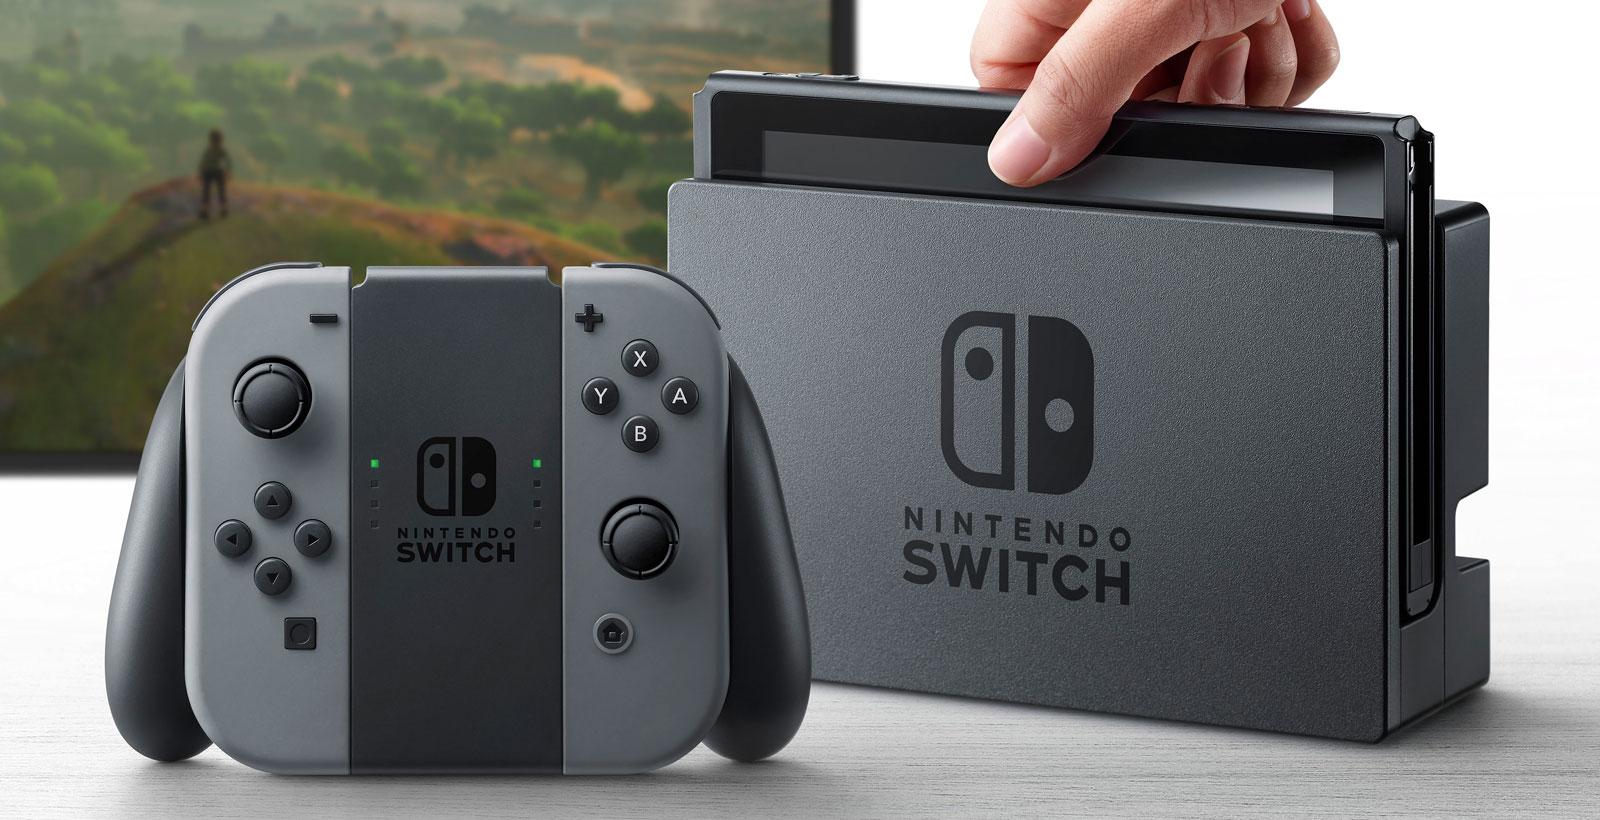 L'ensemble complet de la Nintendo Switch. Tout porte à croire que la manette conventionnelle (Switch Pro Controller) sera vendue séparément.